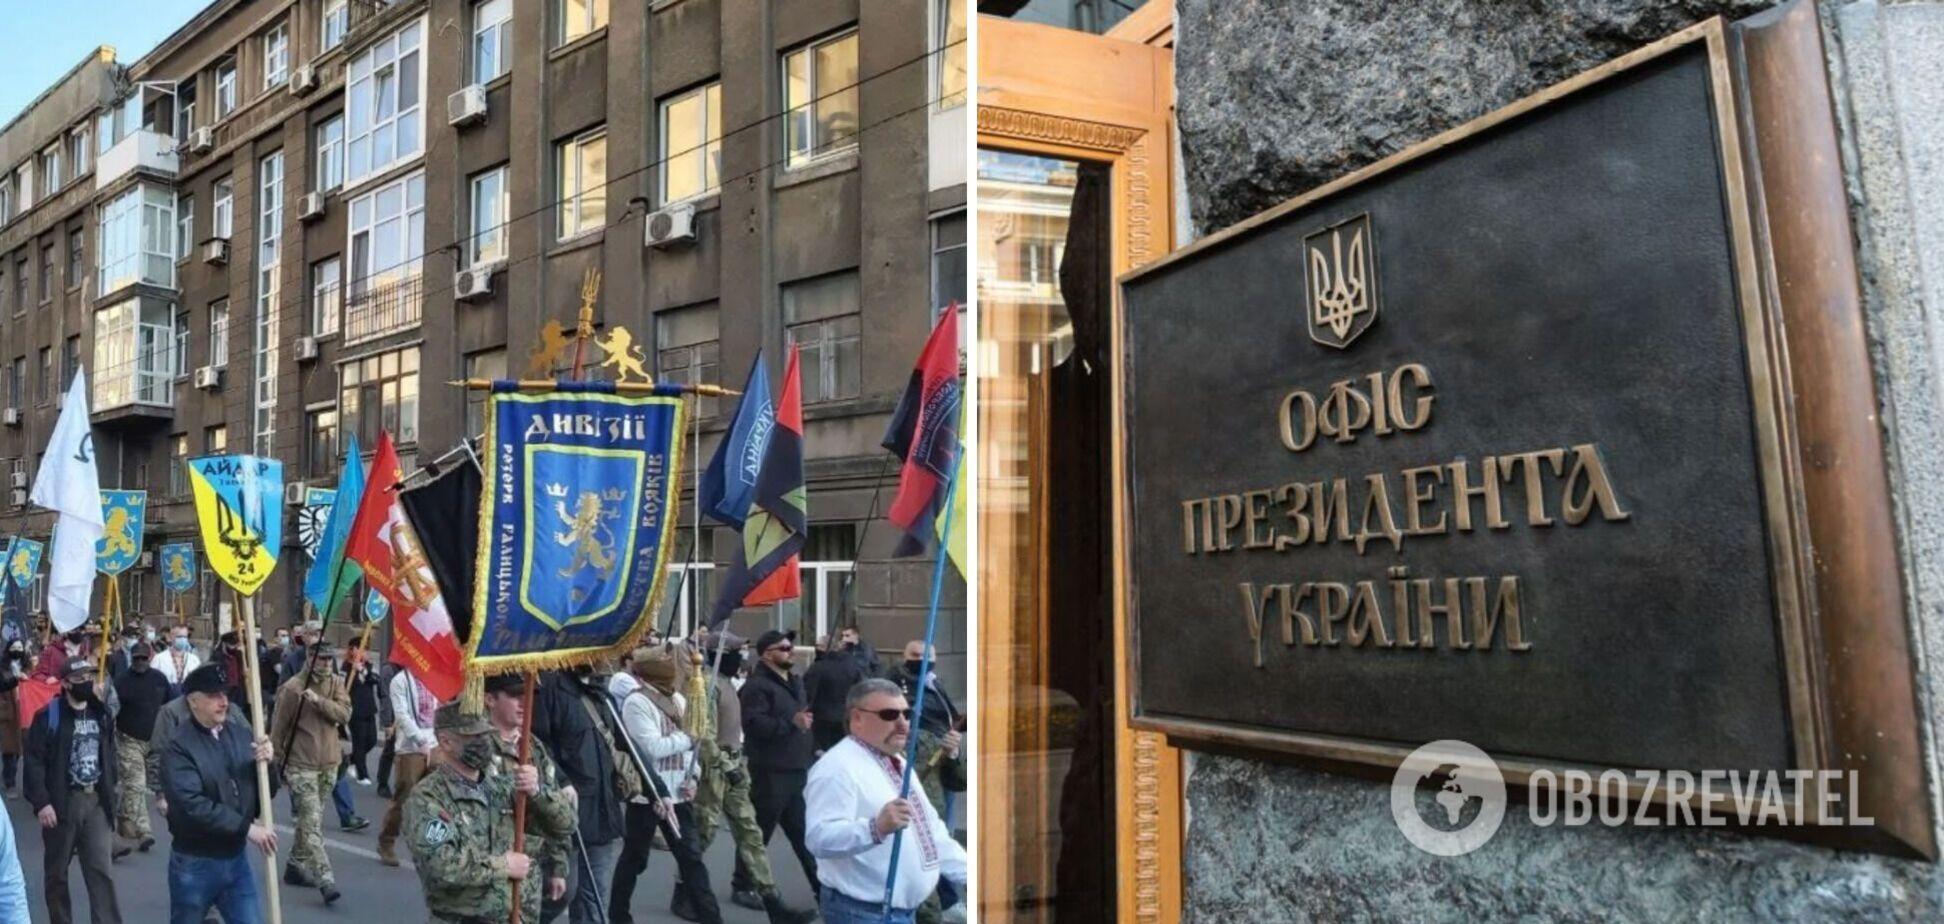 У Зеленского осудили марш в честь СС 'Галичина' и заявили, что власть и правоохранителей 'ввели в заблуждение'